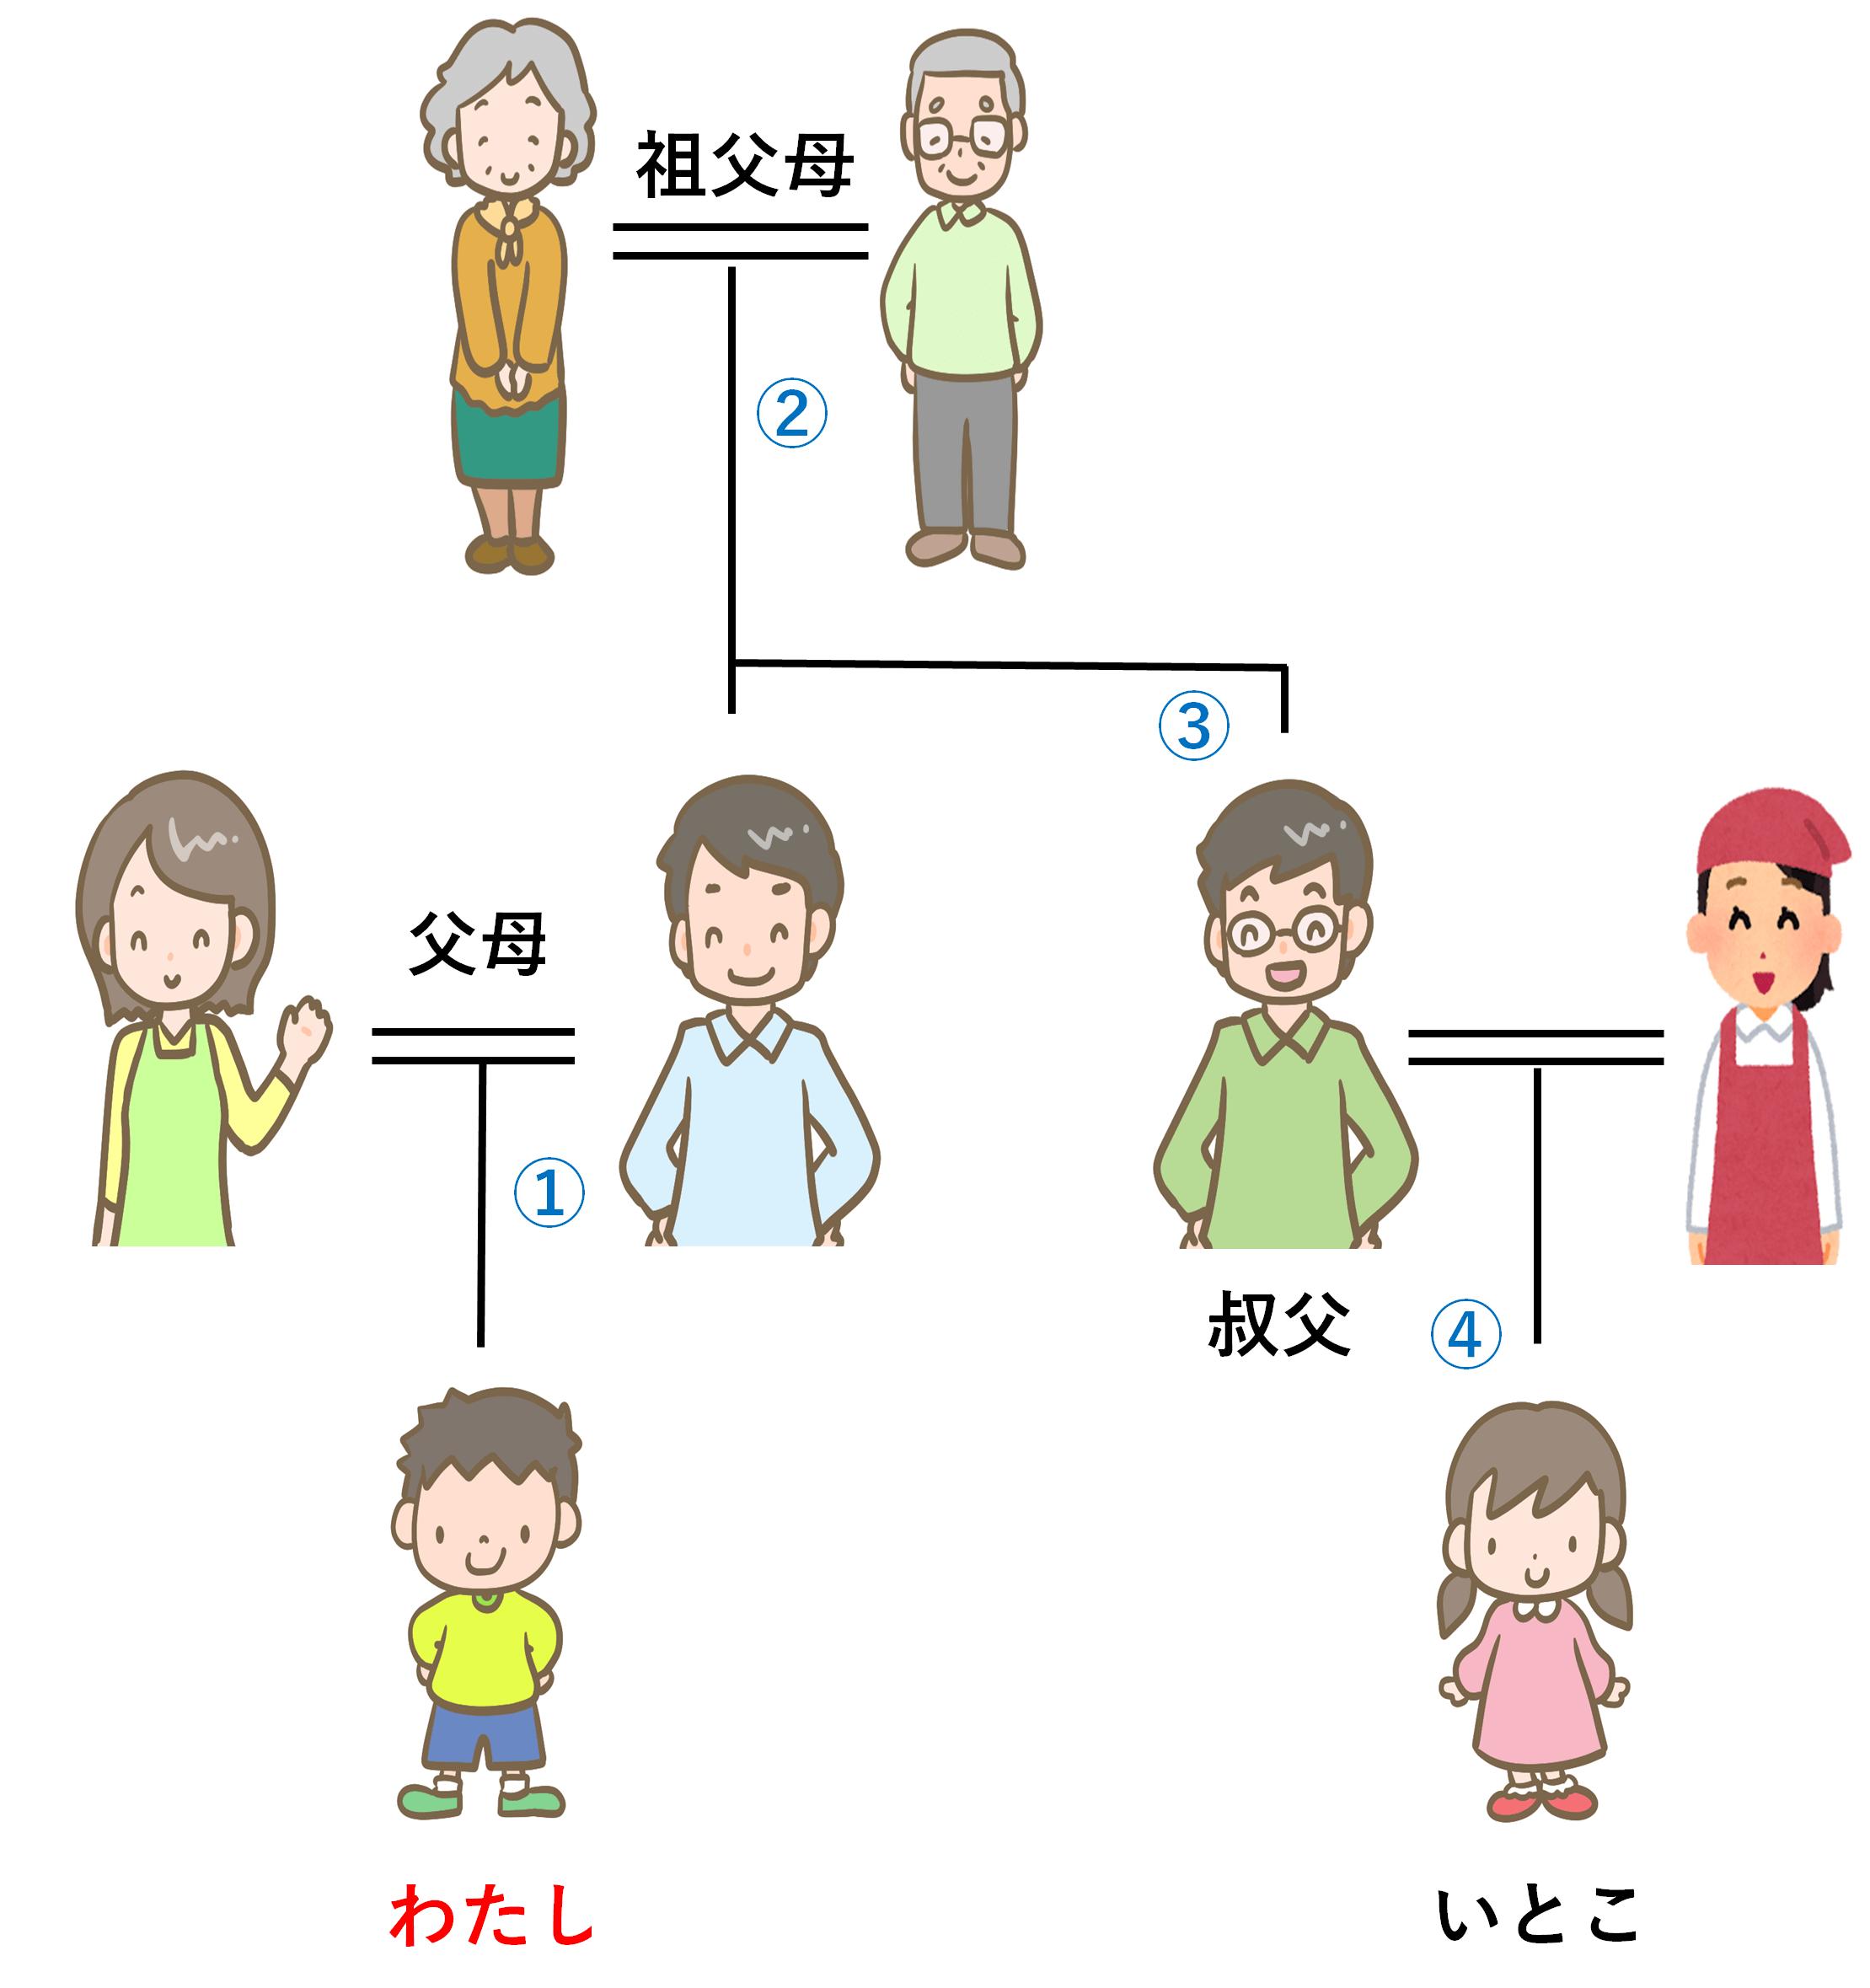 の 以内 親族 親等 2